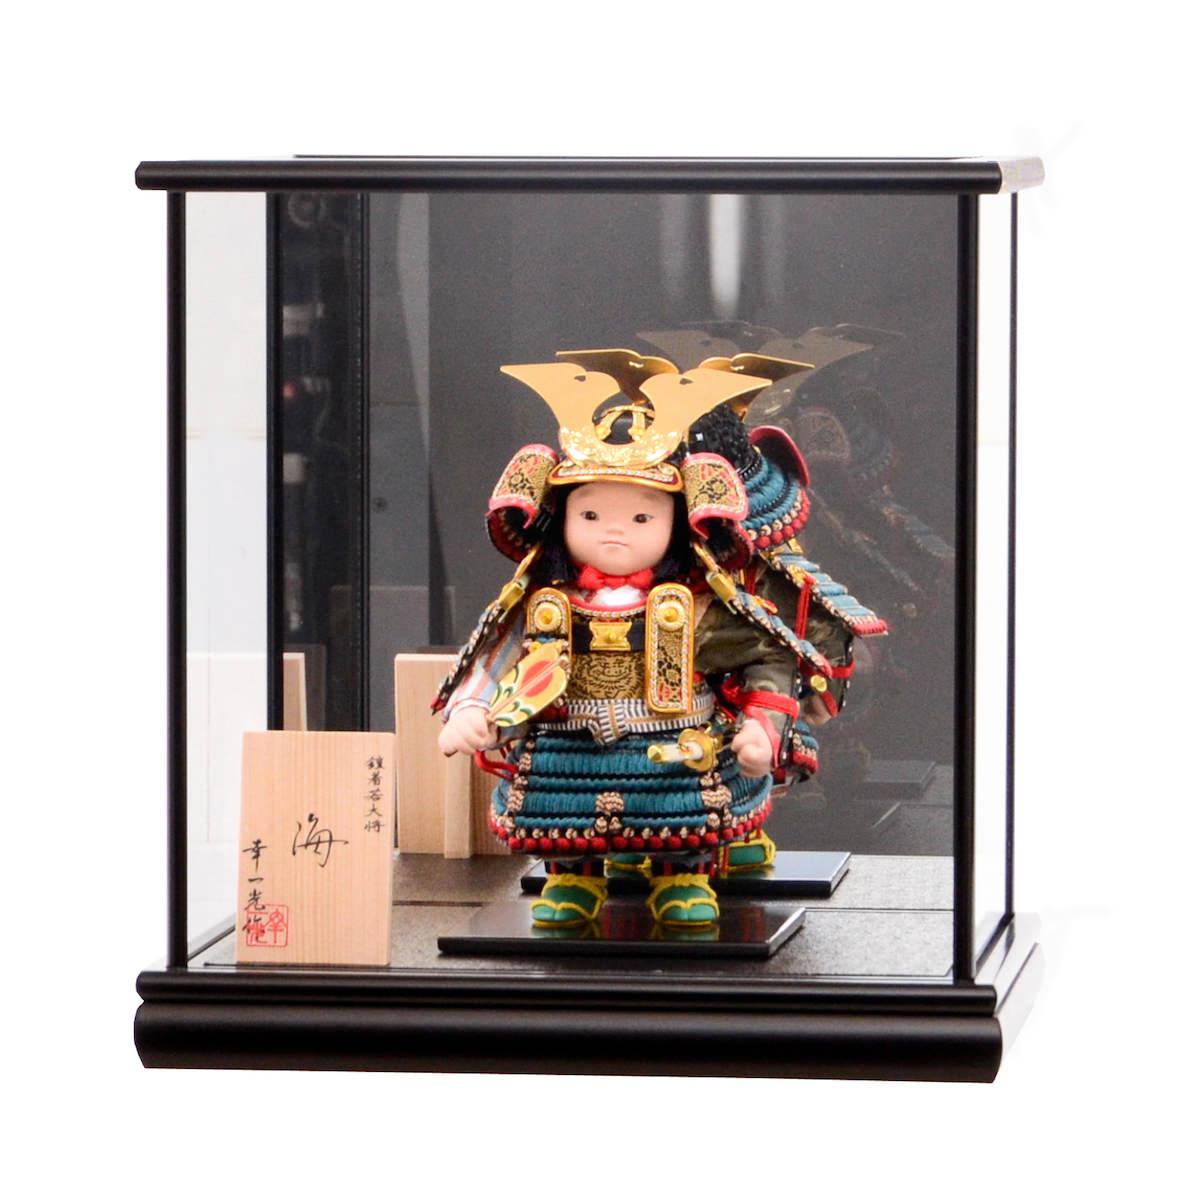 五月節句 男の子 五月人形 鎧着大将飾り 幸一光 海 ガラスケース入り 送料無料